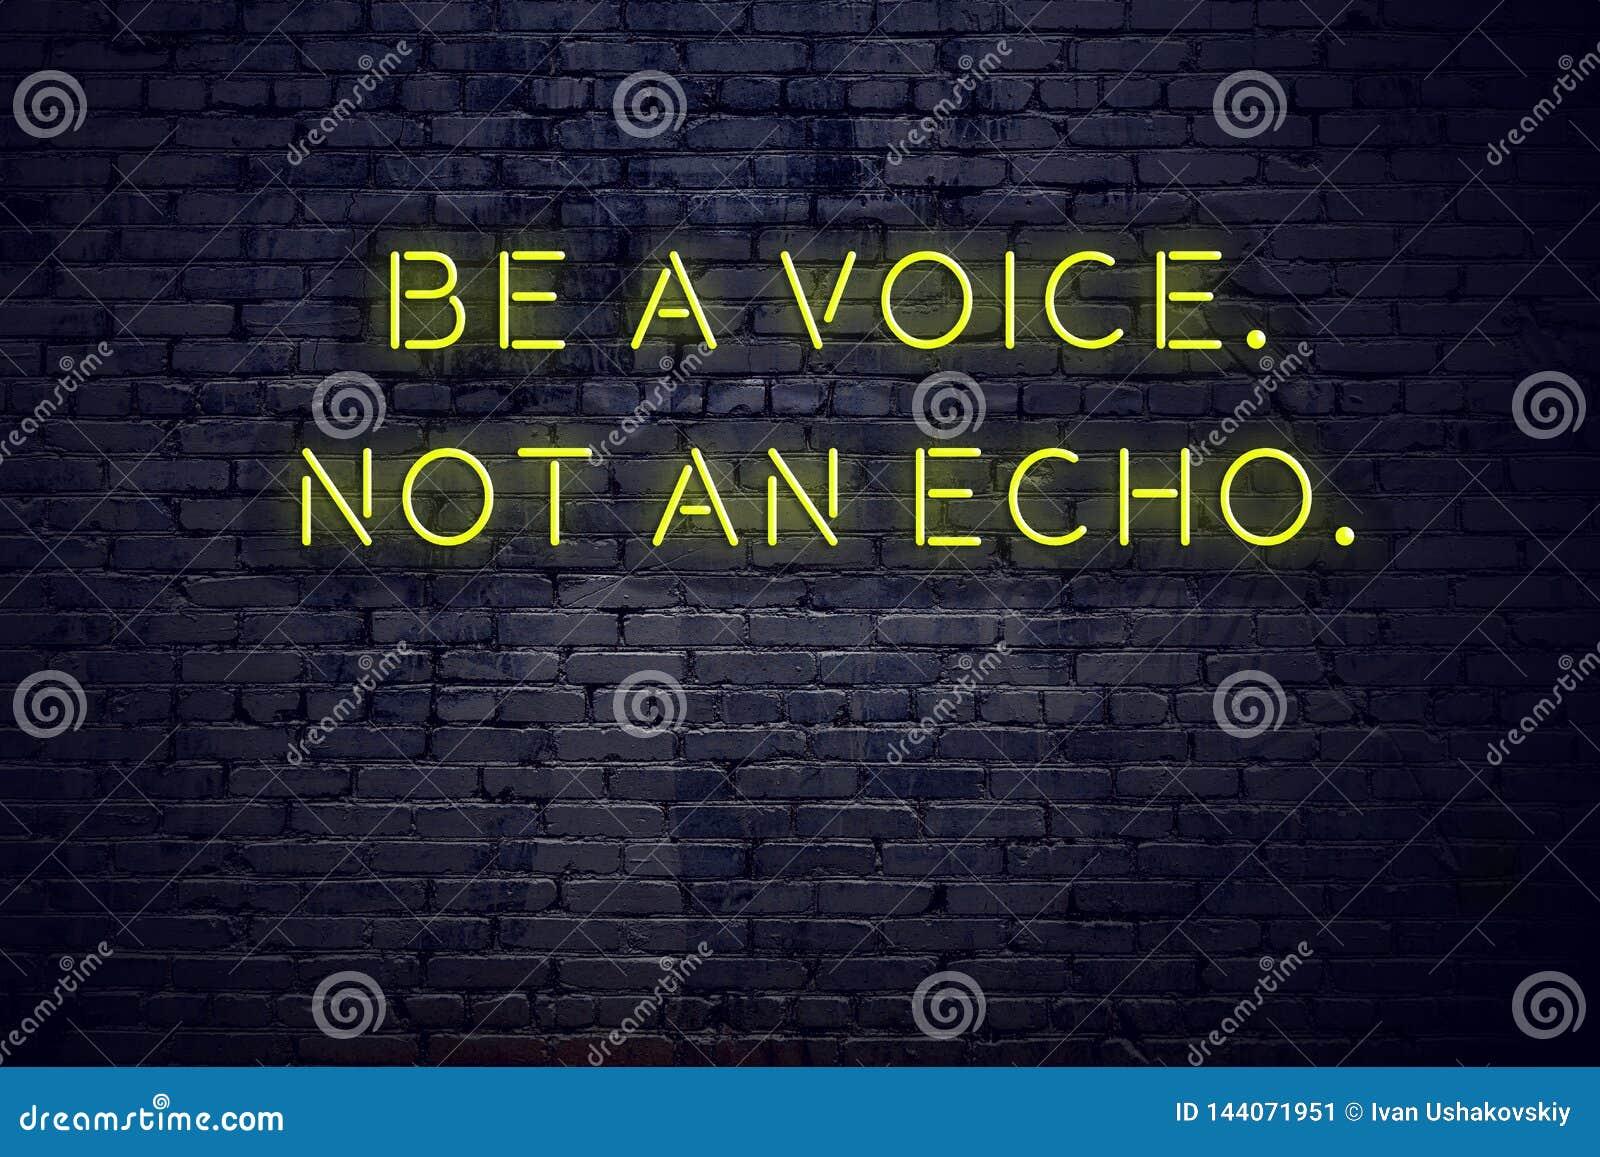 La cita inspiradora positiva en señal de neón contra la pared de ladrillo sea una voz no un eco